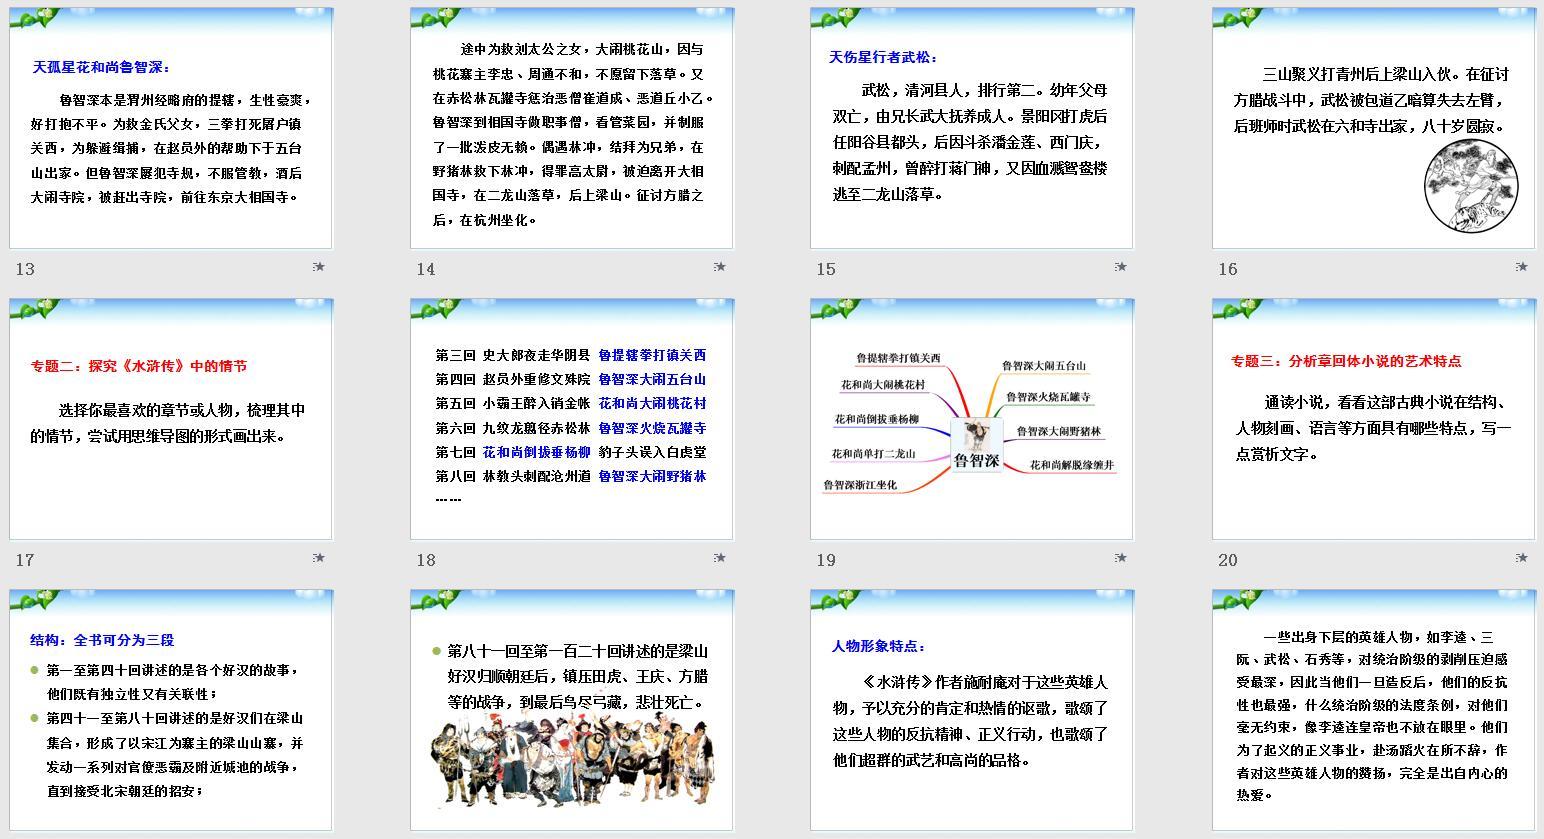 《水浒传》专题探究式读书报告PPT